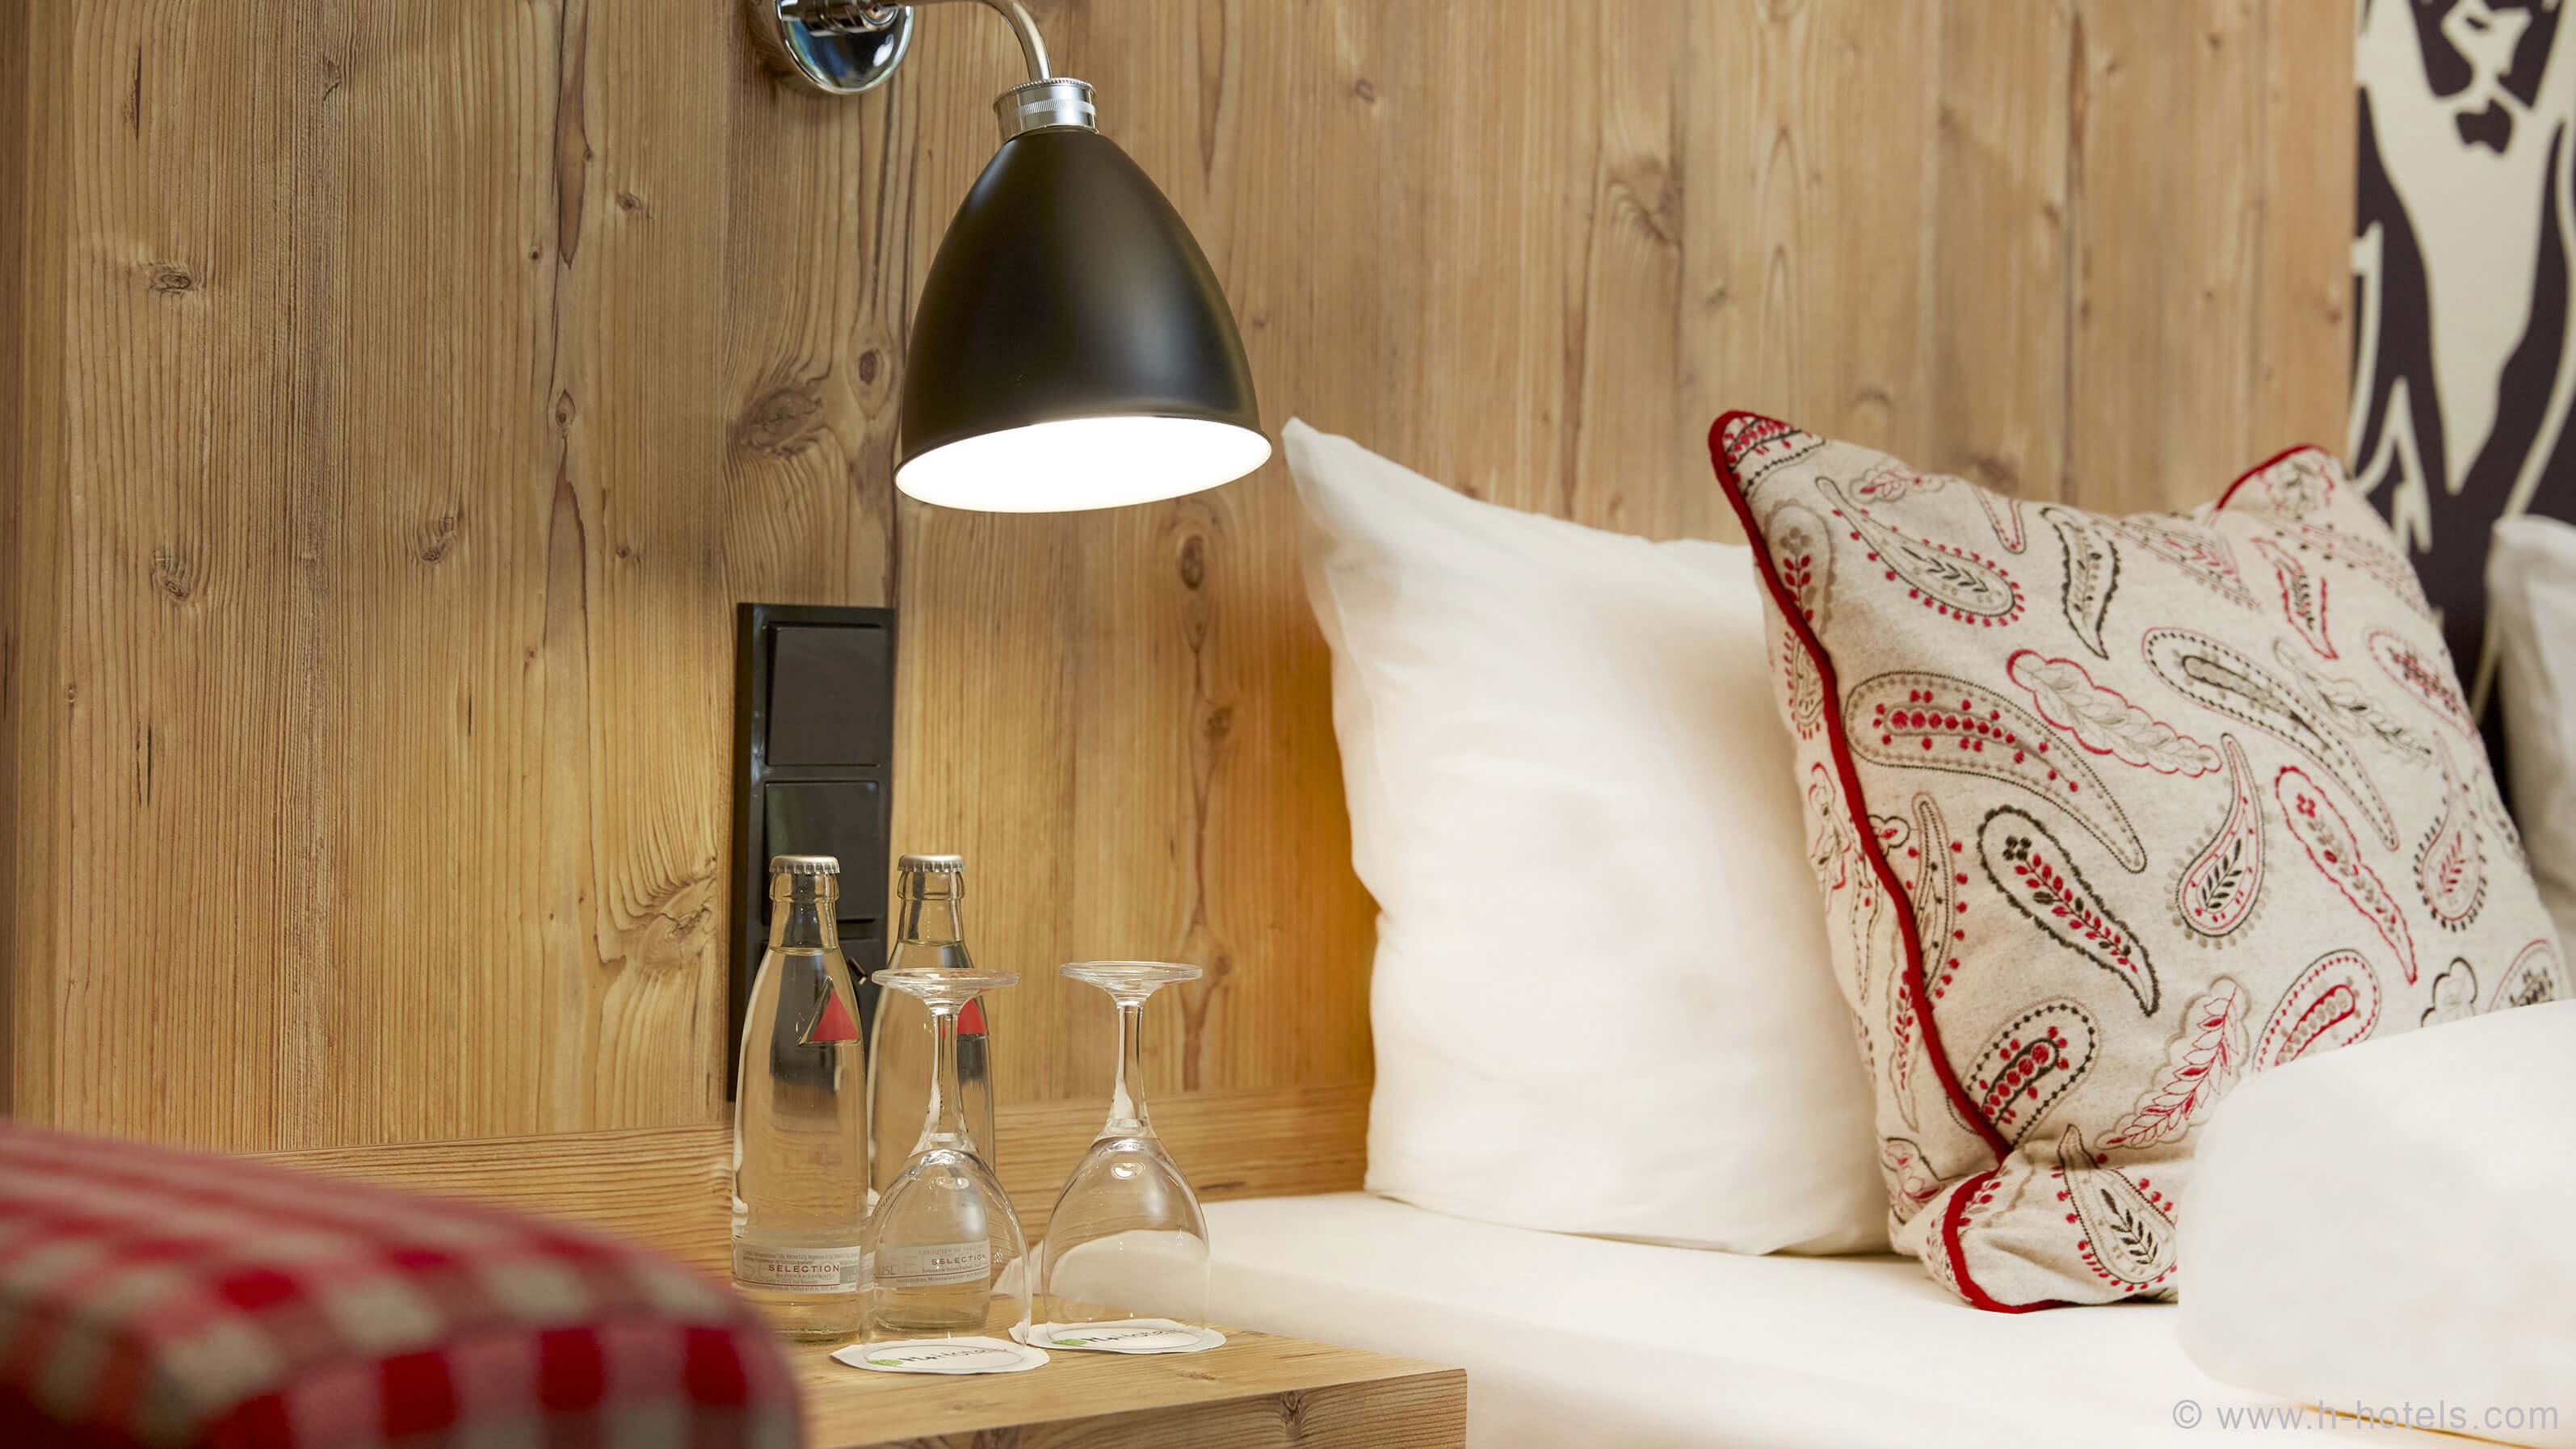 h-hotels_zimmer-superior-doppelzimmer-bett-kissen-hplus-hotel-garmisch_Original-(kommerz.-Nutzung)-_06a9d3f2_